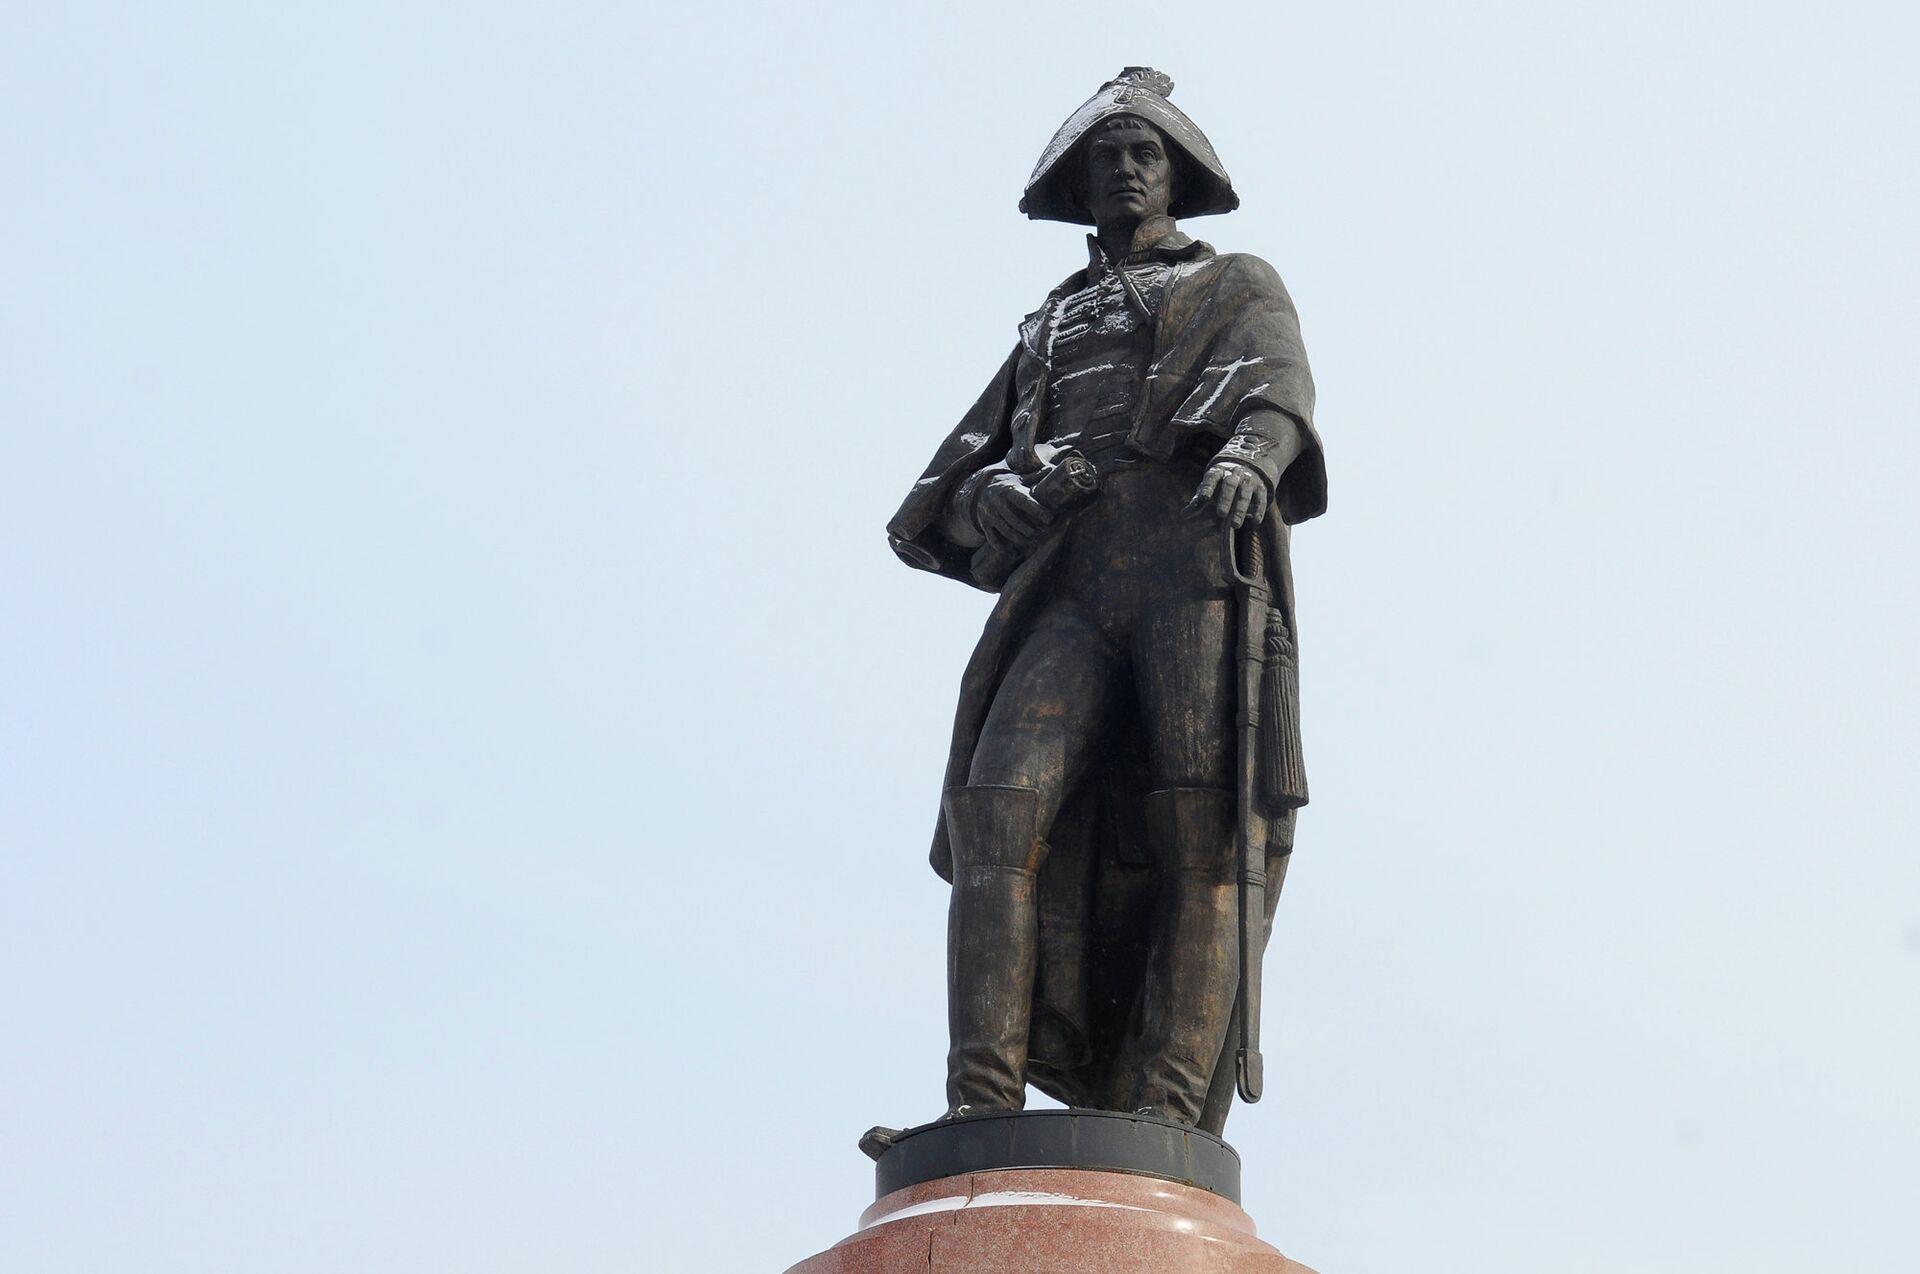 Памятник командору Николаю Резанову в Красноярске - РИА Новости, 1920, 04.04.2021